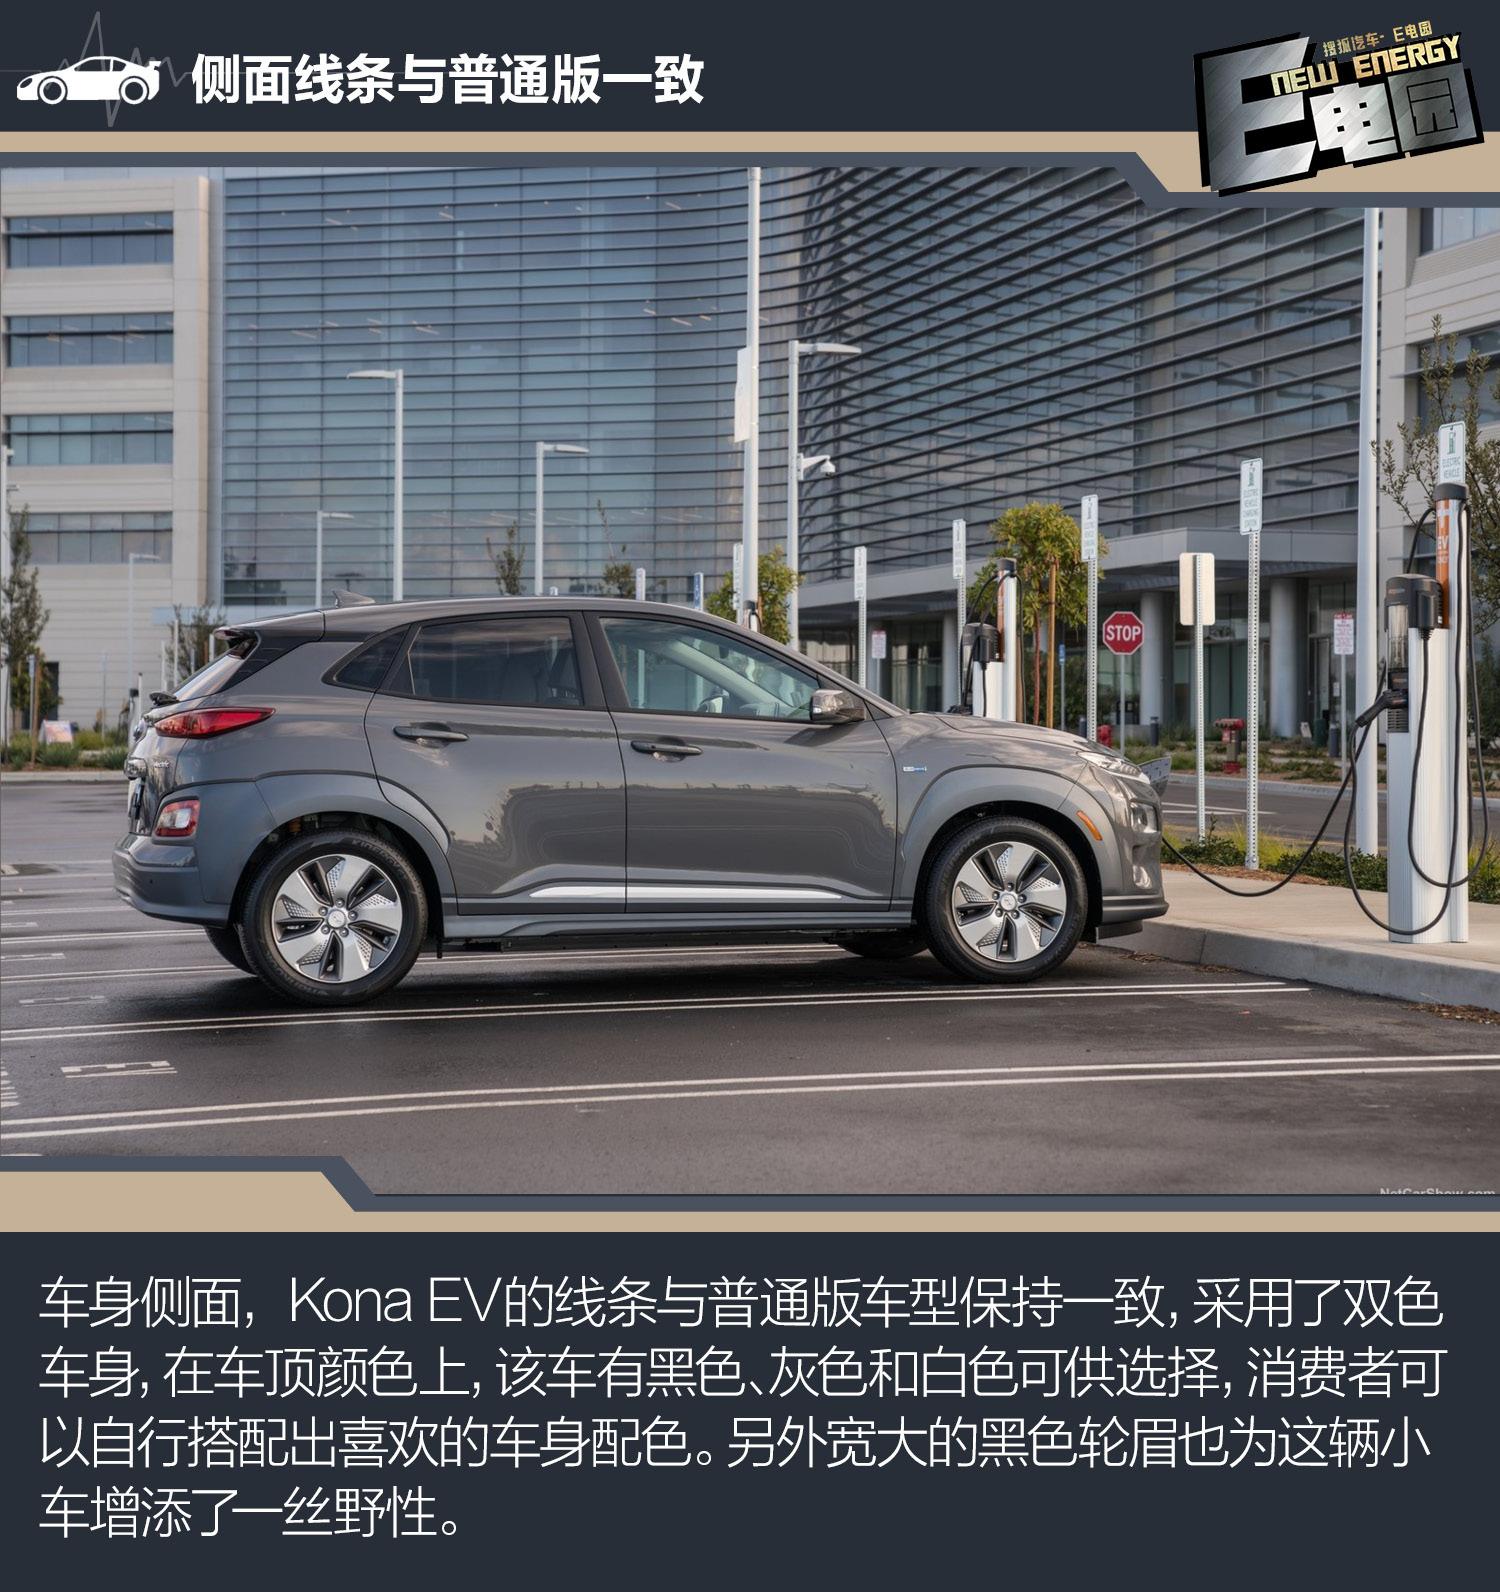 主打性能牌的纯电SUV 现代Kona Electric静态解析(第1页) -